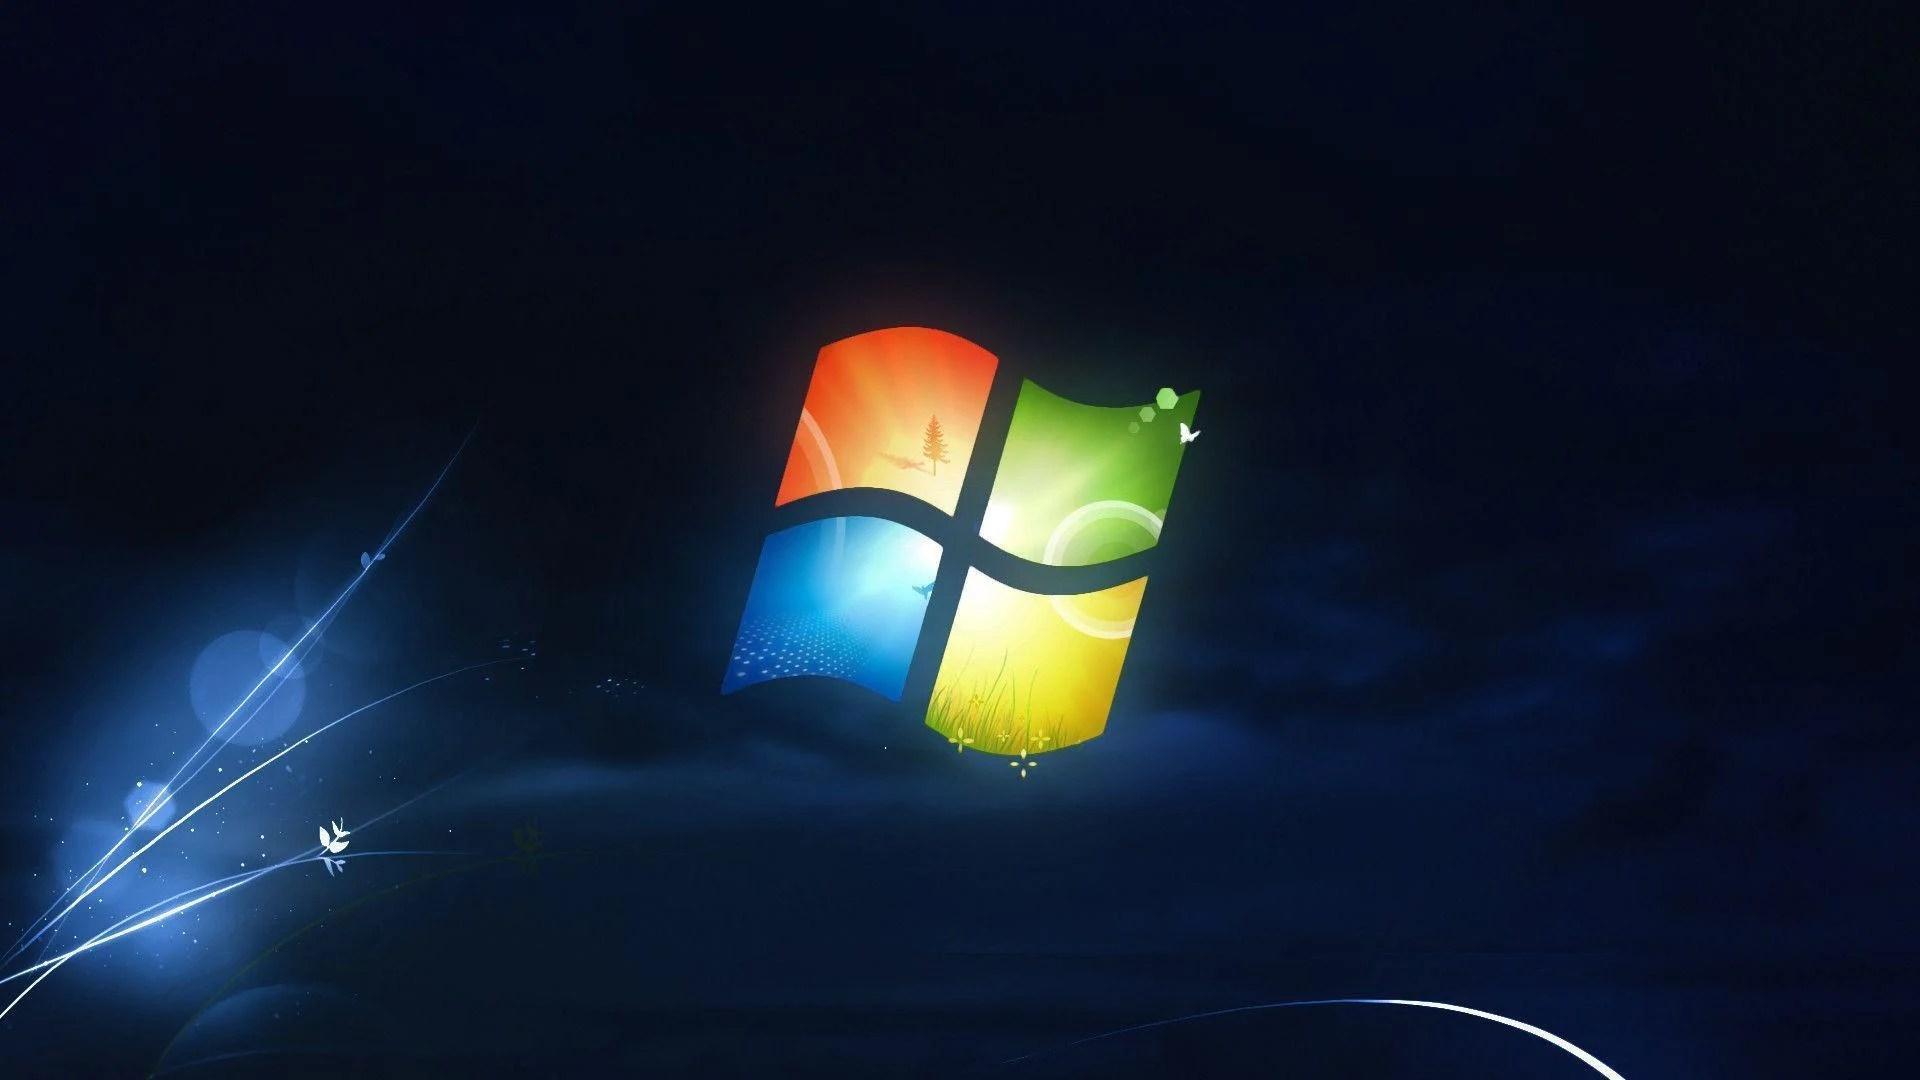 Microsoft Wallpapers Desktop Wallpaper Cave